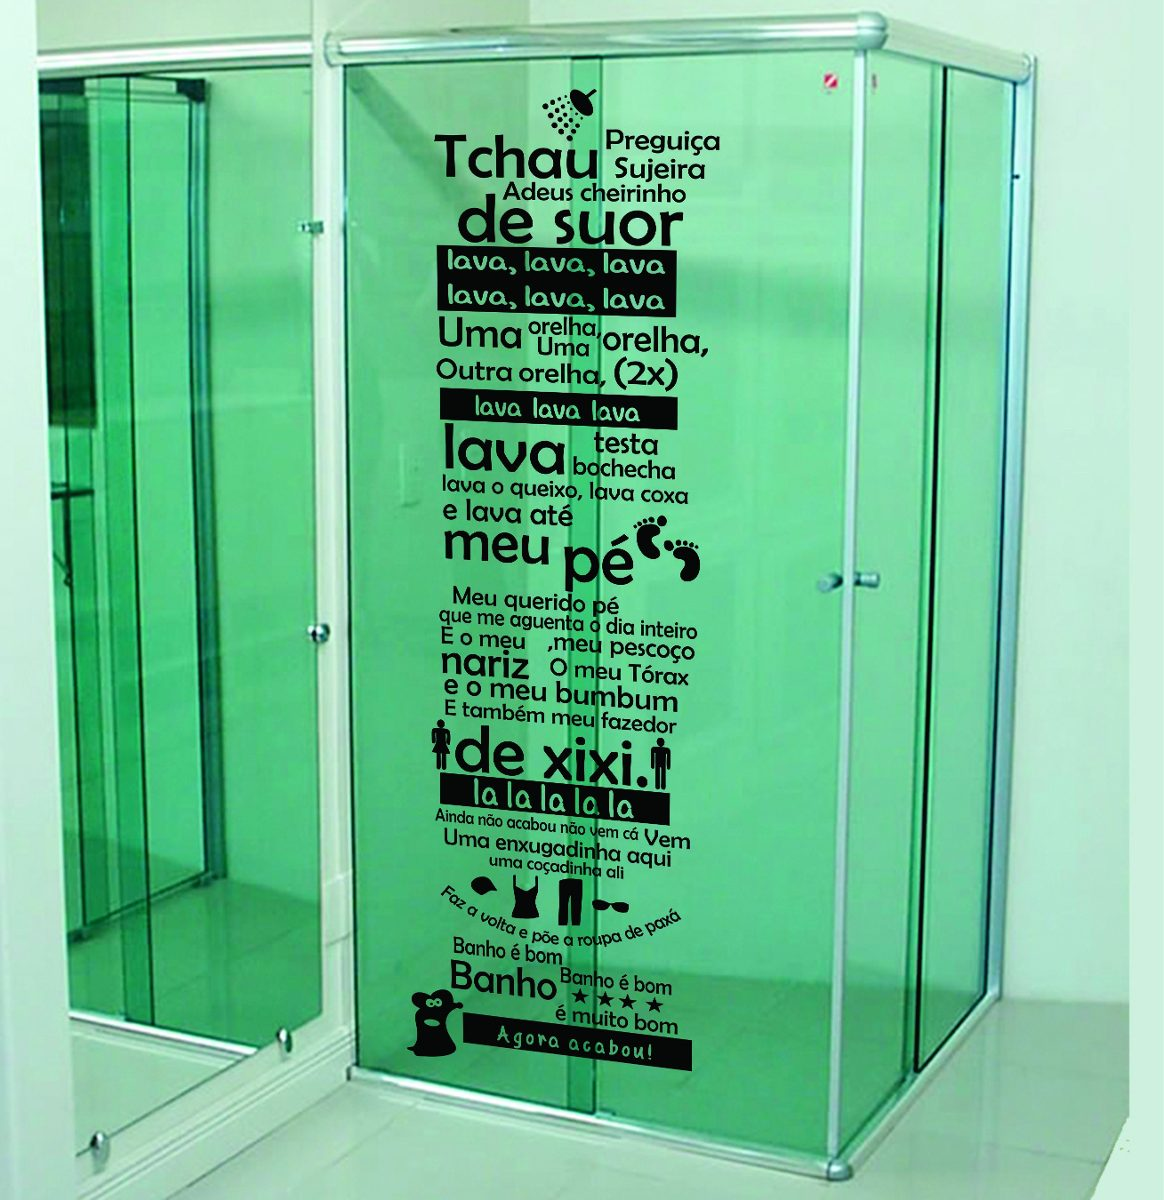 Adesivo Banheiro Porta Box Música Ratinho Castelo Ratimbum R$ 42 99  #19AD52 1164x1200 Adesivos Para Box De Vidro Banheiro